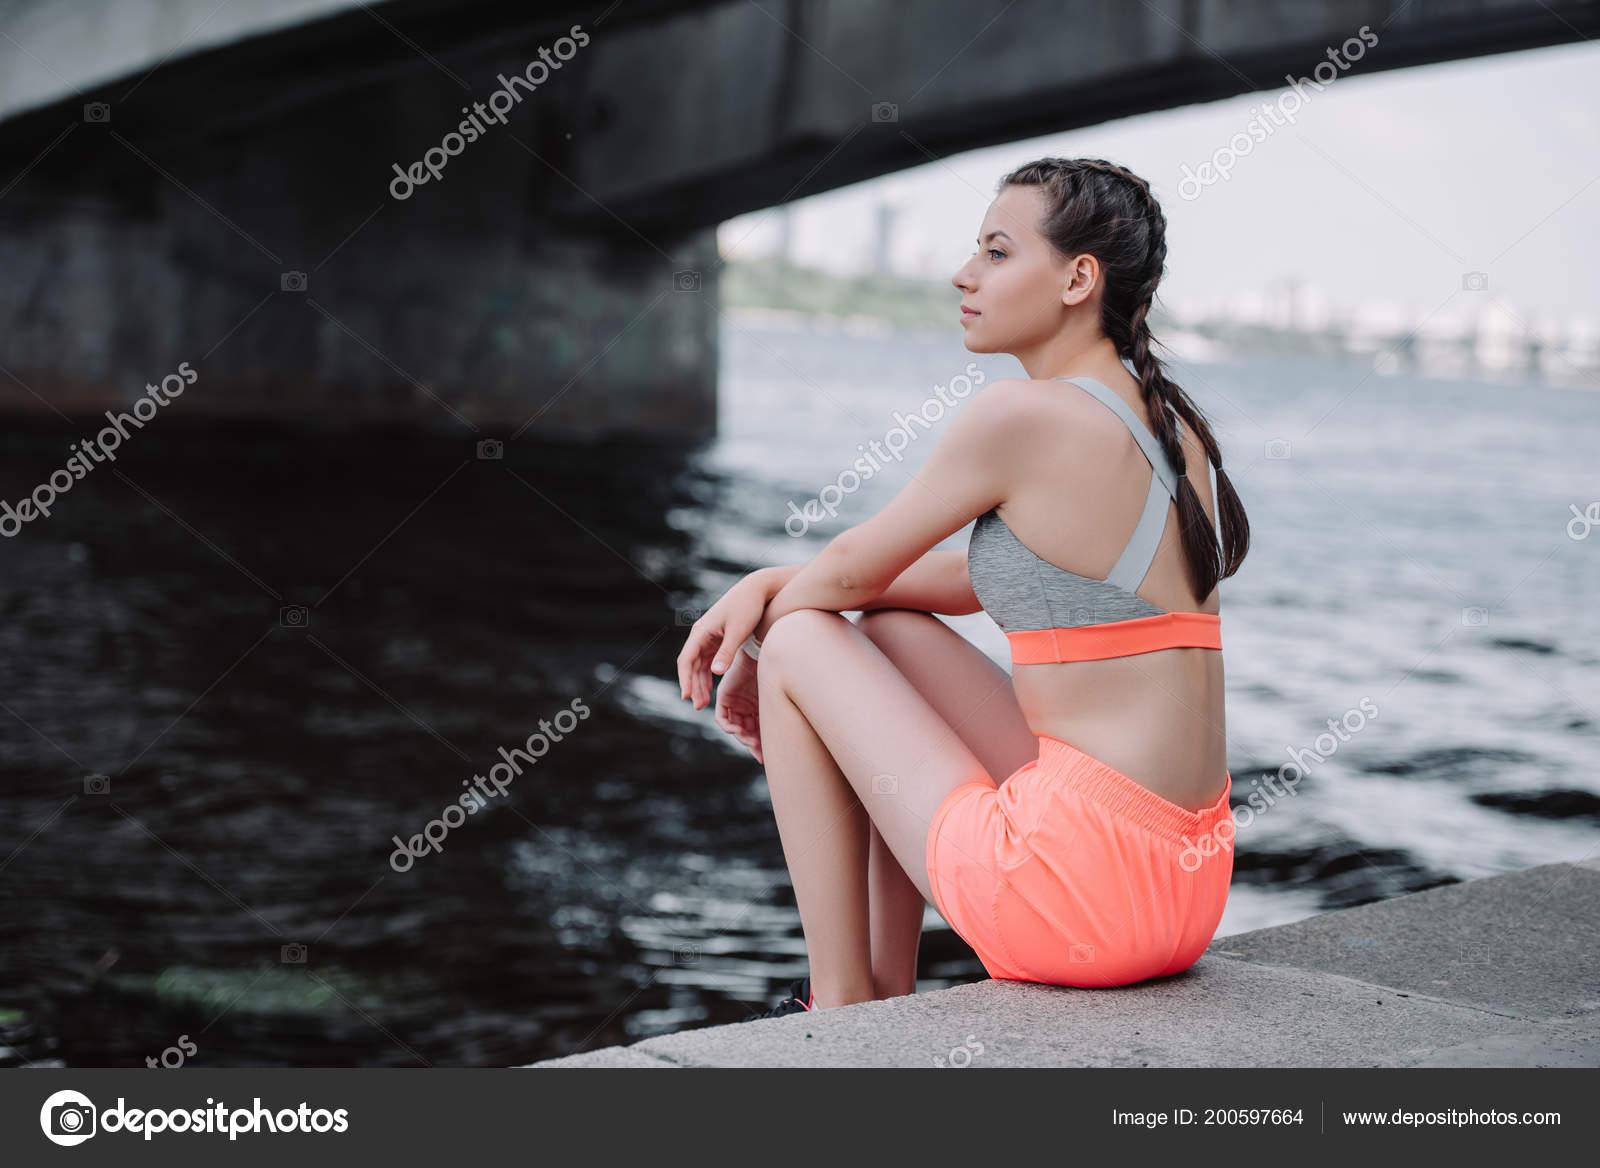 3f7179ab868 Ελκυστική Νεαρή Γυναίκα Αθλητικό Αθλητικά Ενδύματα Που Κάθεται Στην  Αποβάθρα– εικόνα αρχείου